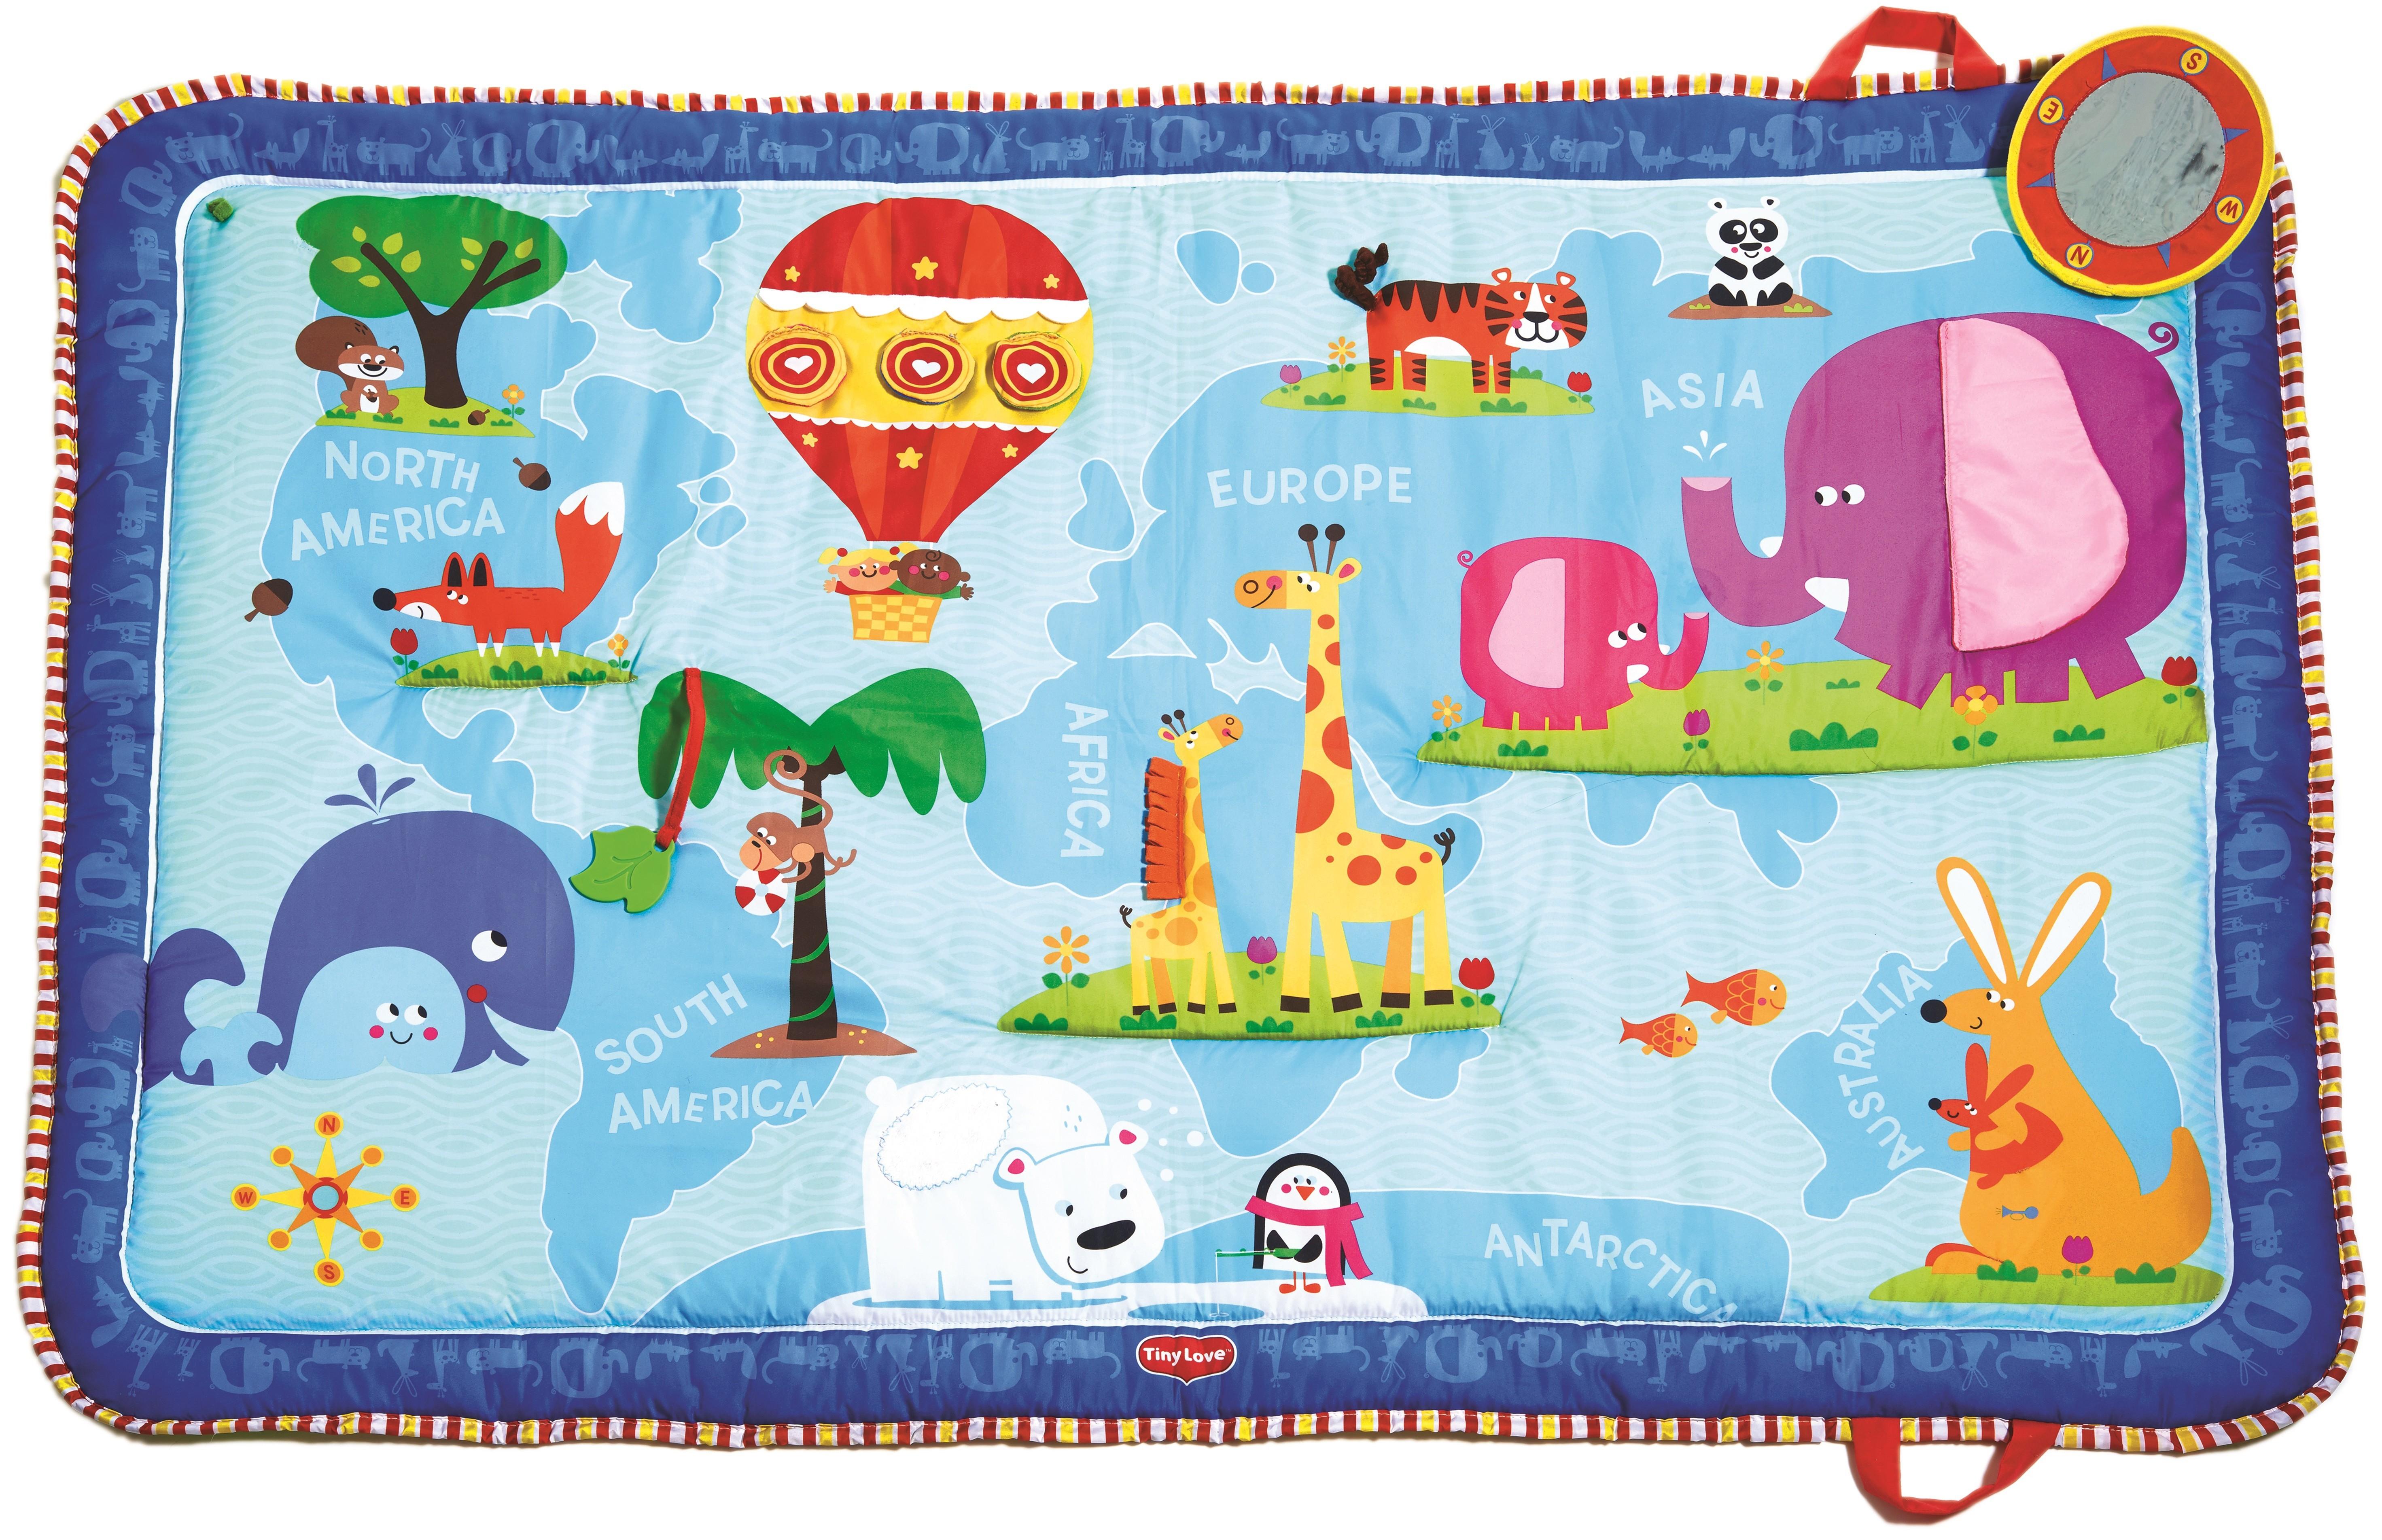 Купить Игровой коврик, Travel - моя планета, 1шт., Tiny Love 1203700030, Китай, сине-голубой